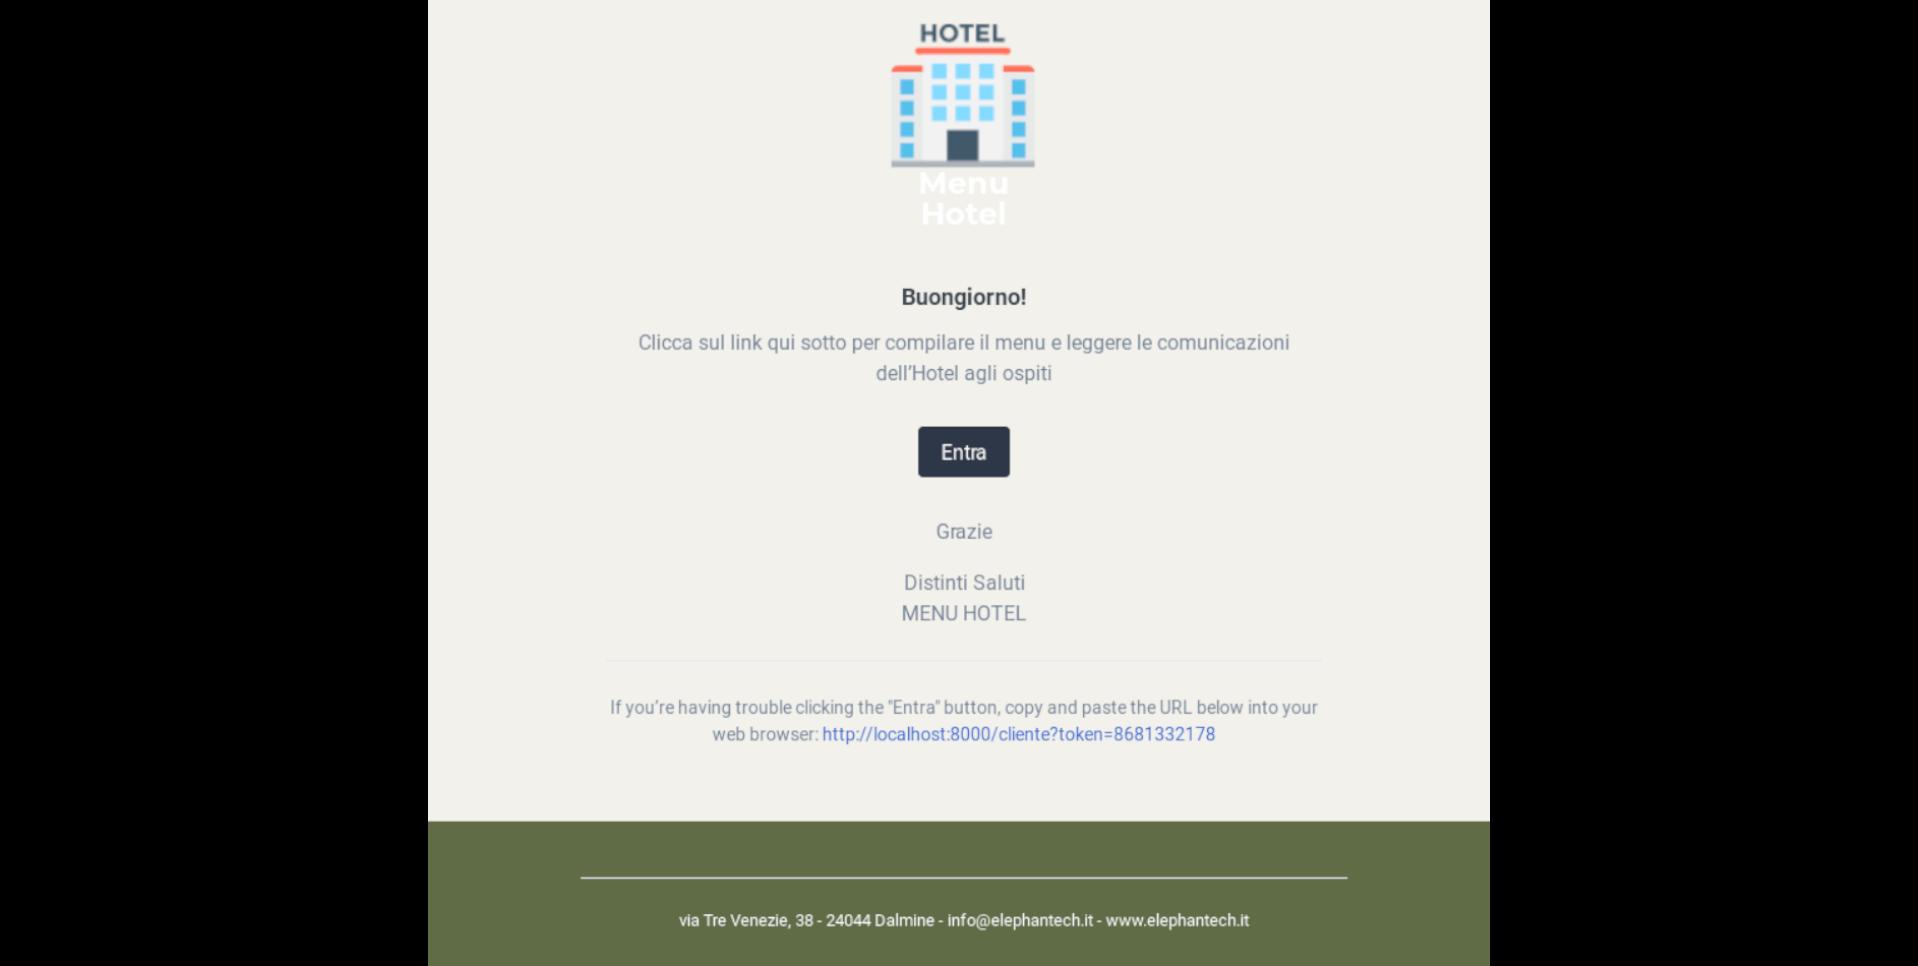 Email inviata dalla piattaforma al cliente contenente il link per la compilazione del menu